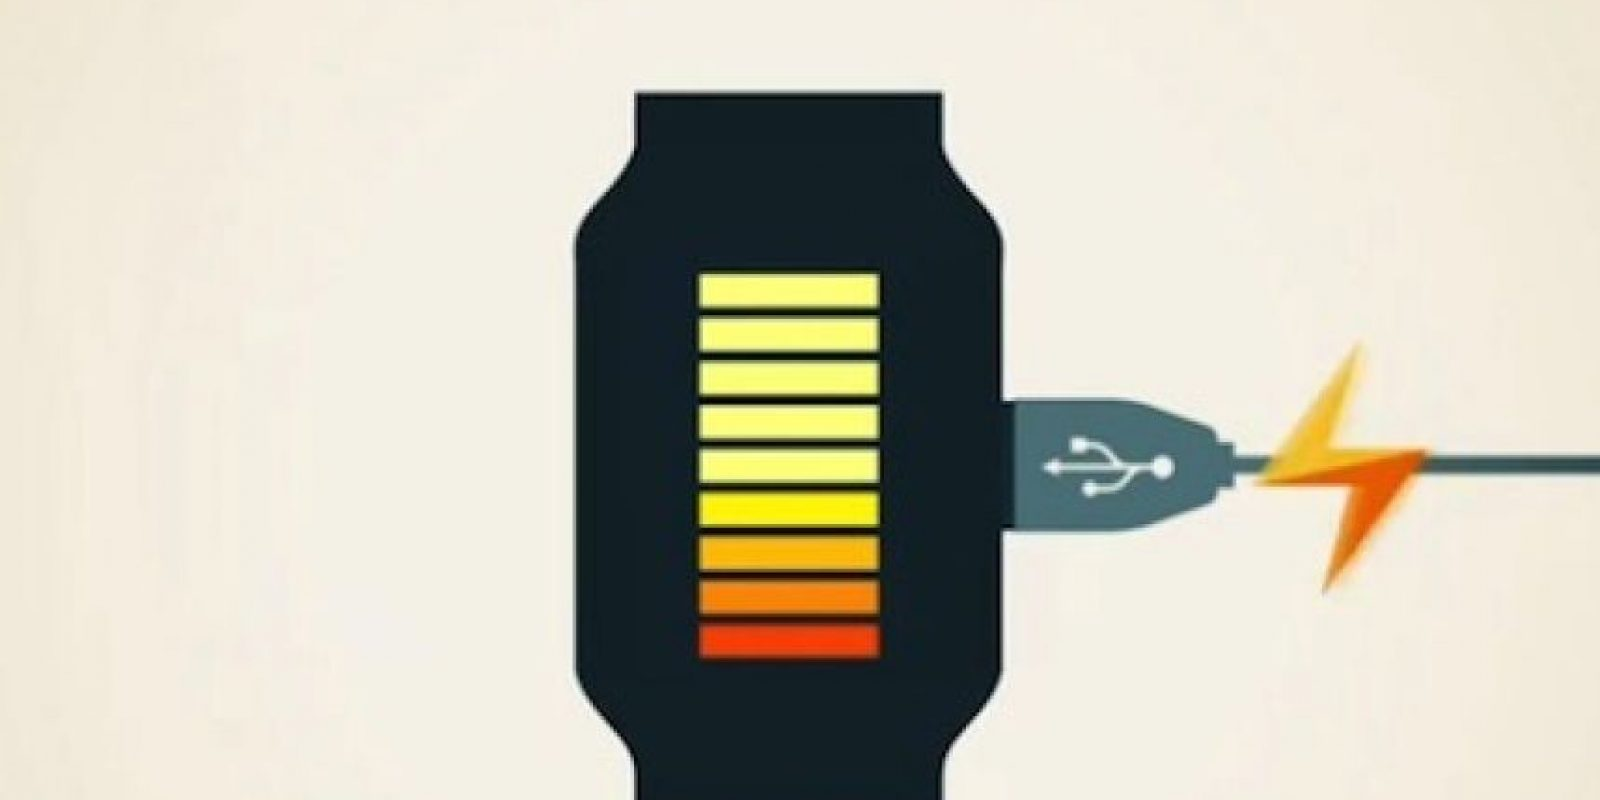 También cuenta con un puerto USB para adaptarse a diversos dispositivos. Foto:pornhub.com/wankband